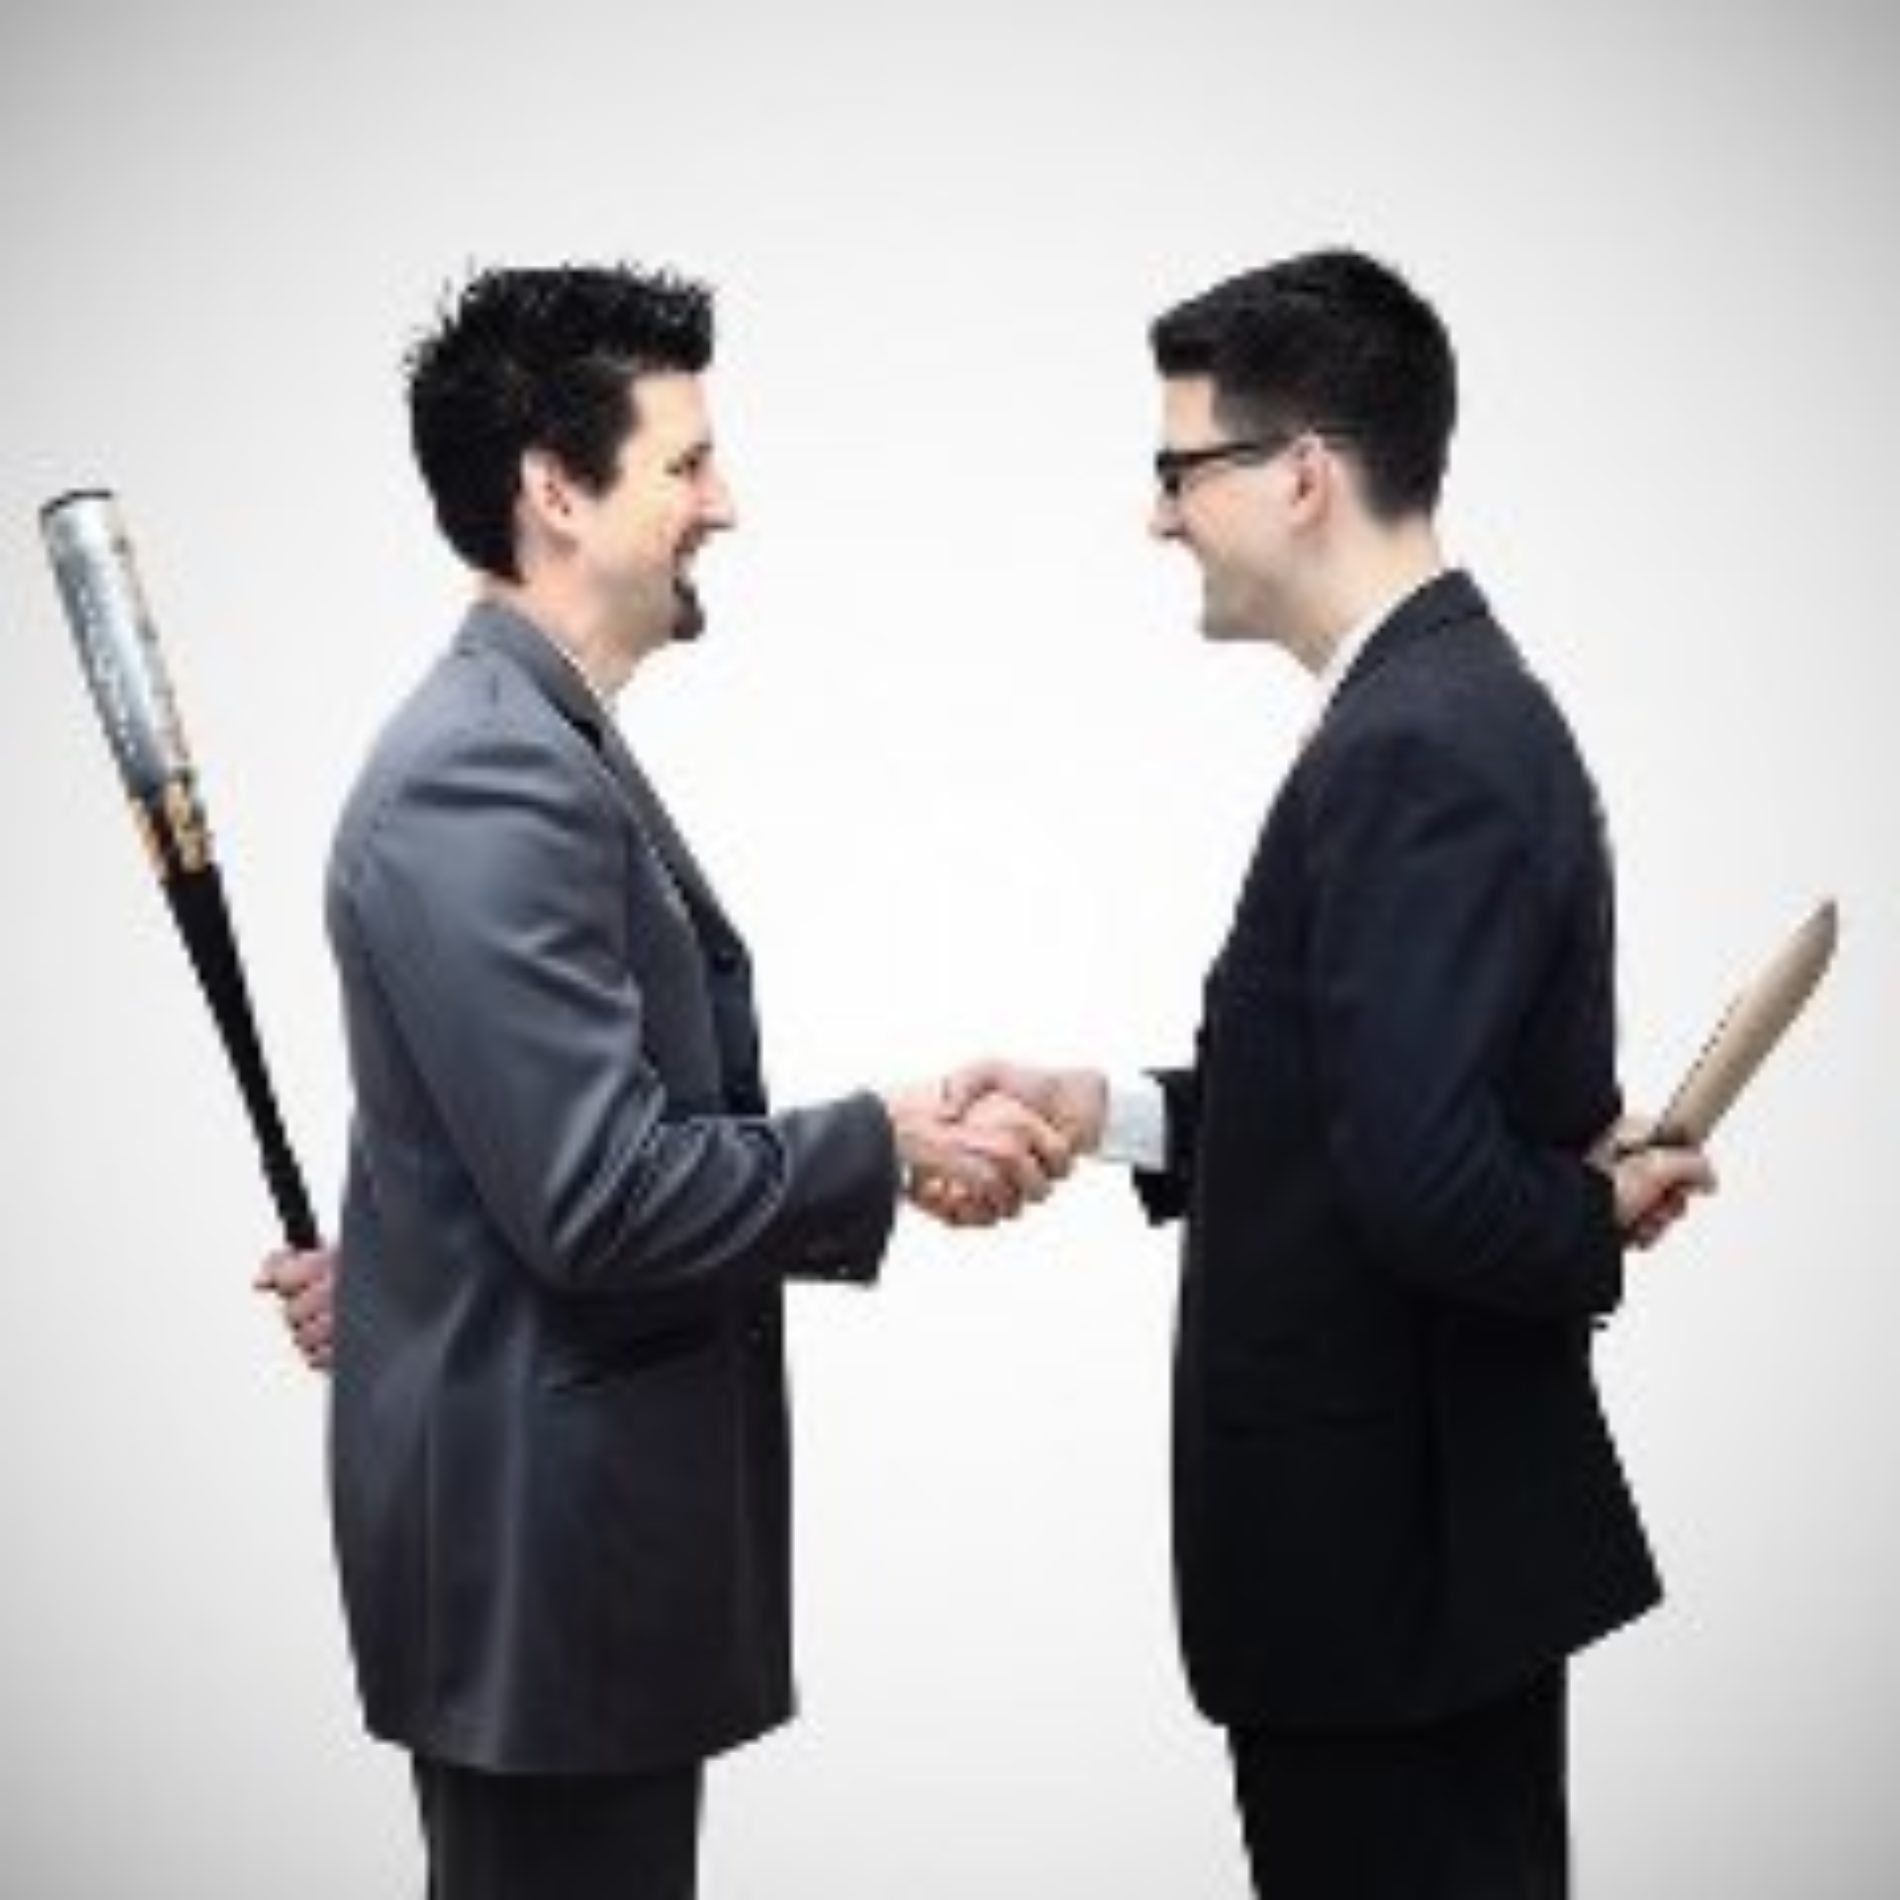 Отношения и переговорный поединок